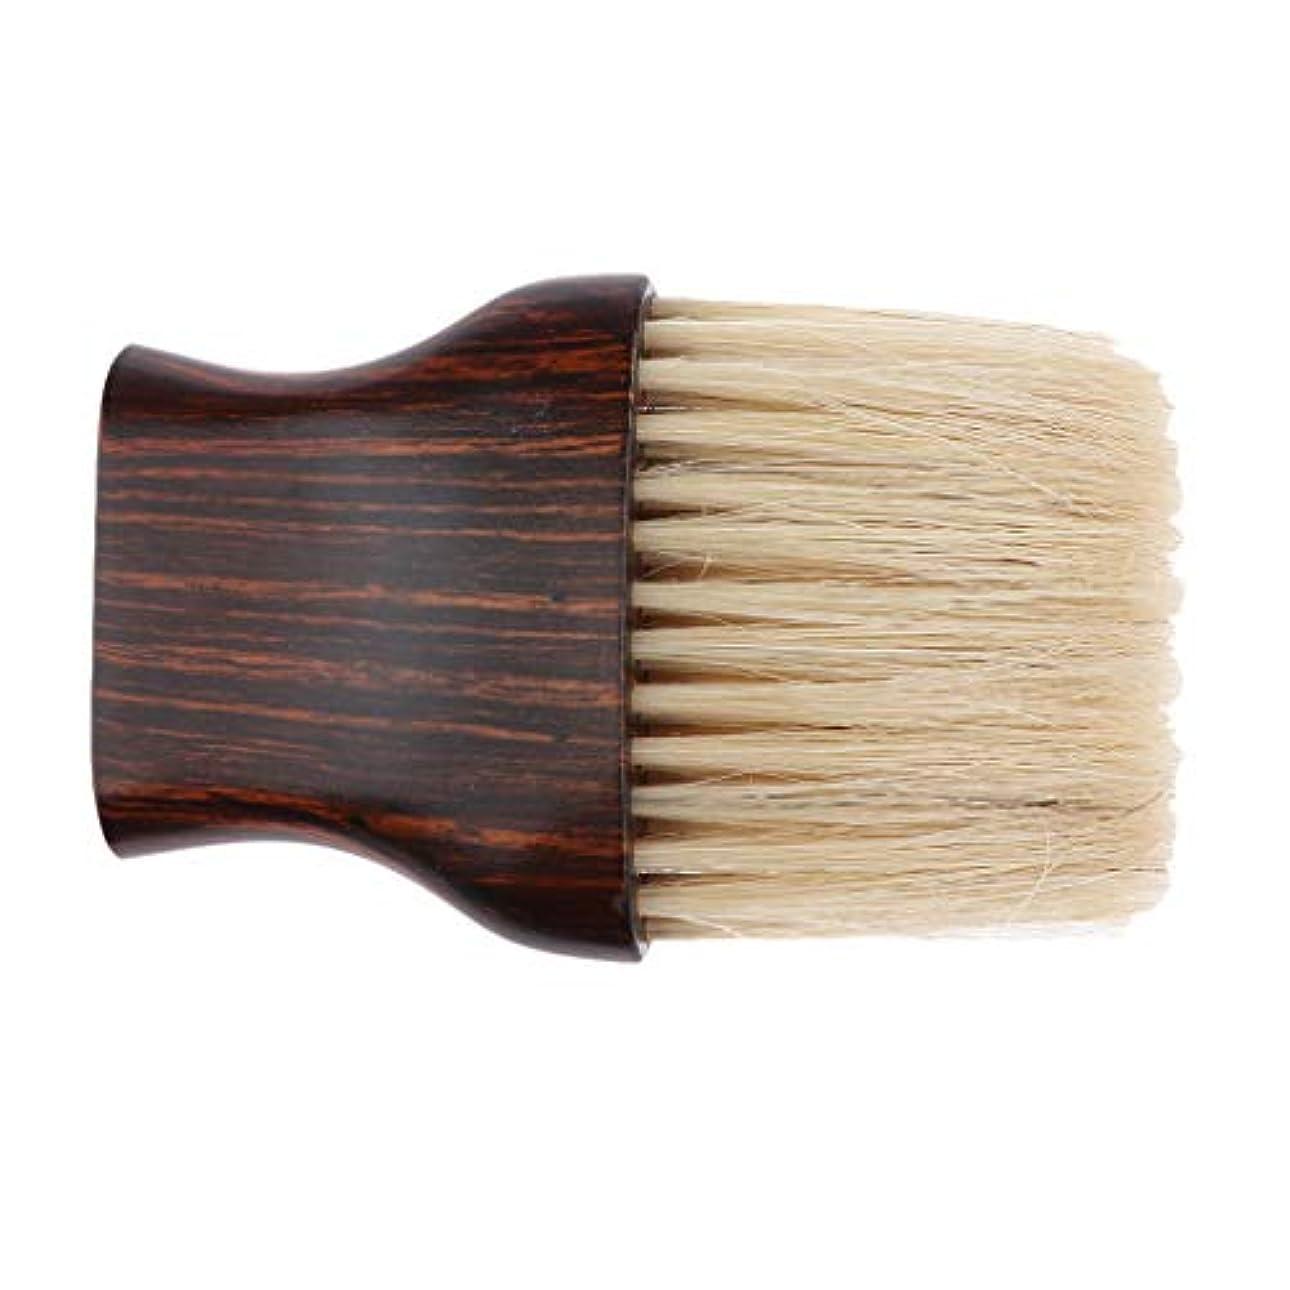 おいしい厚いインスタンスヘアブラシ 毛払いブラシ 木製ハンドル 散髪 髪切り 散髪用ツール 理髪店 美容院 ソフトブラシ